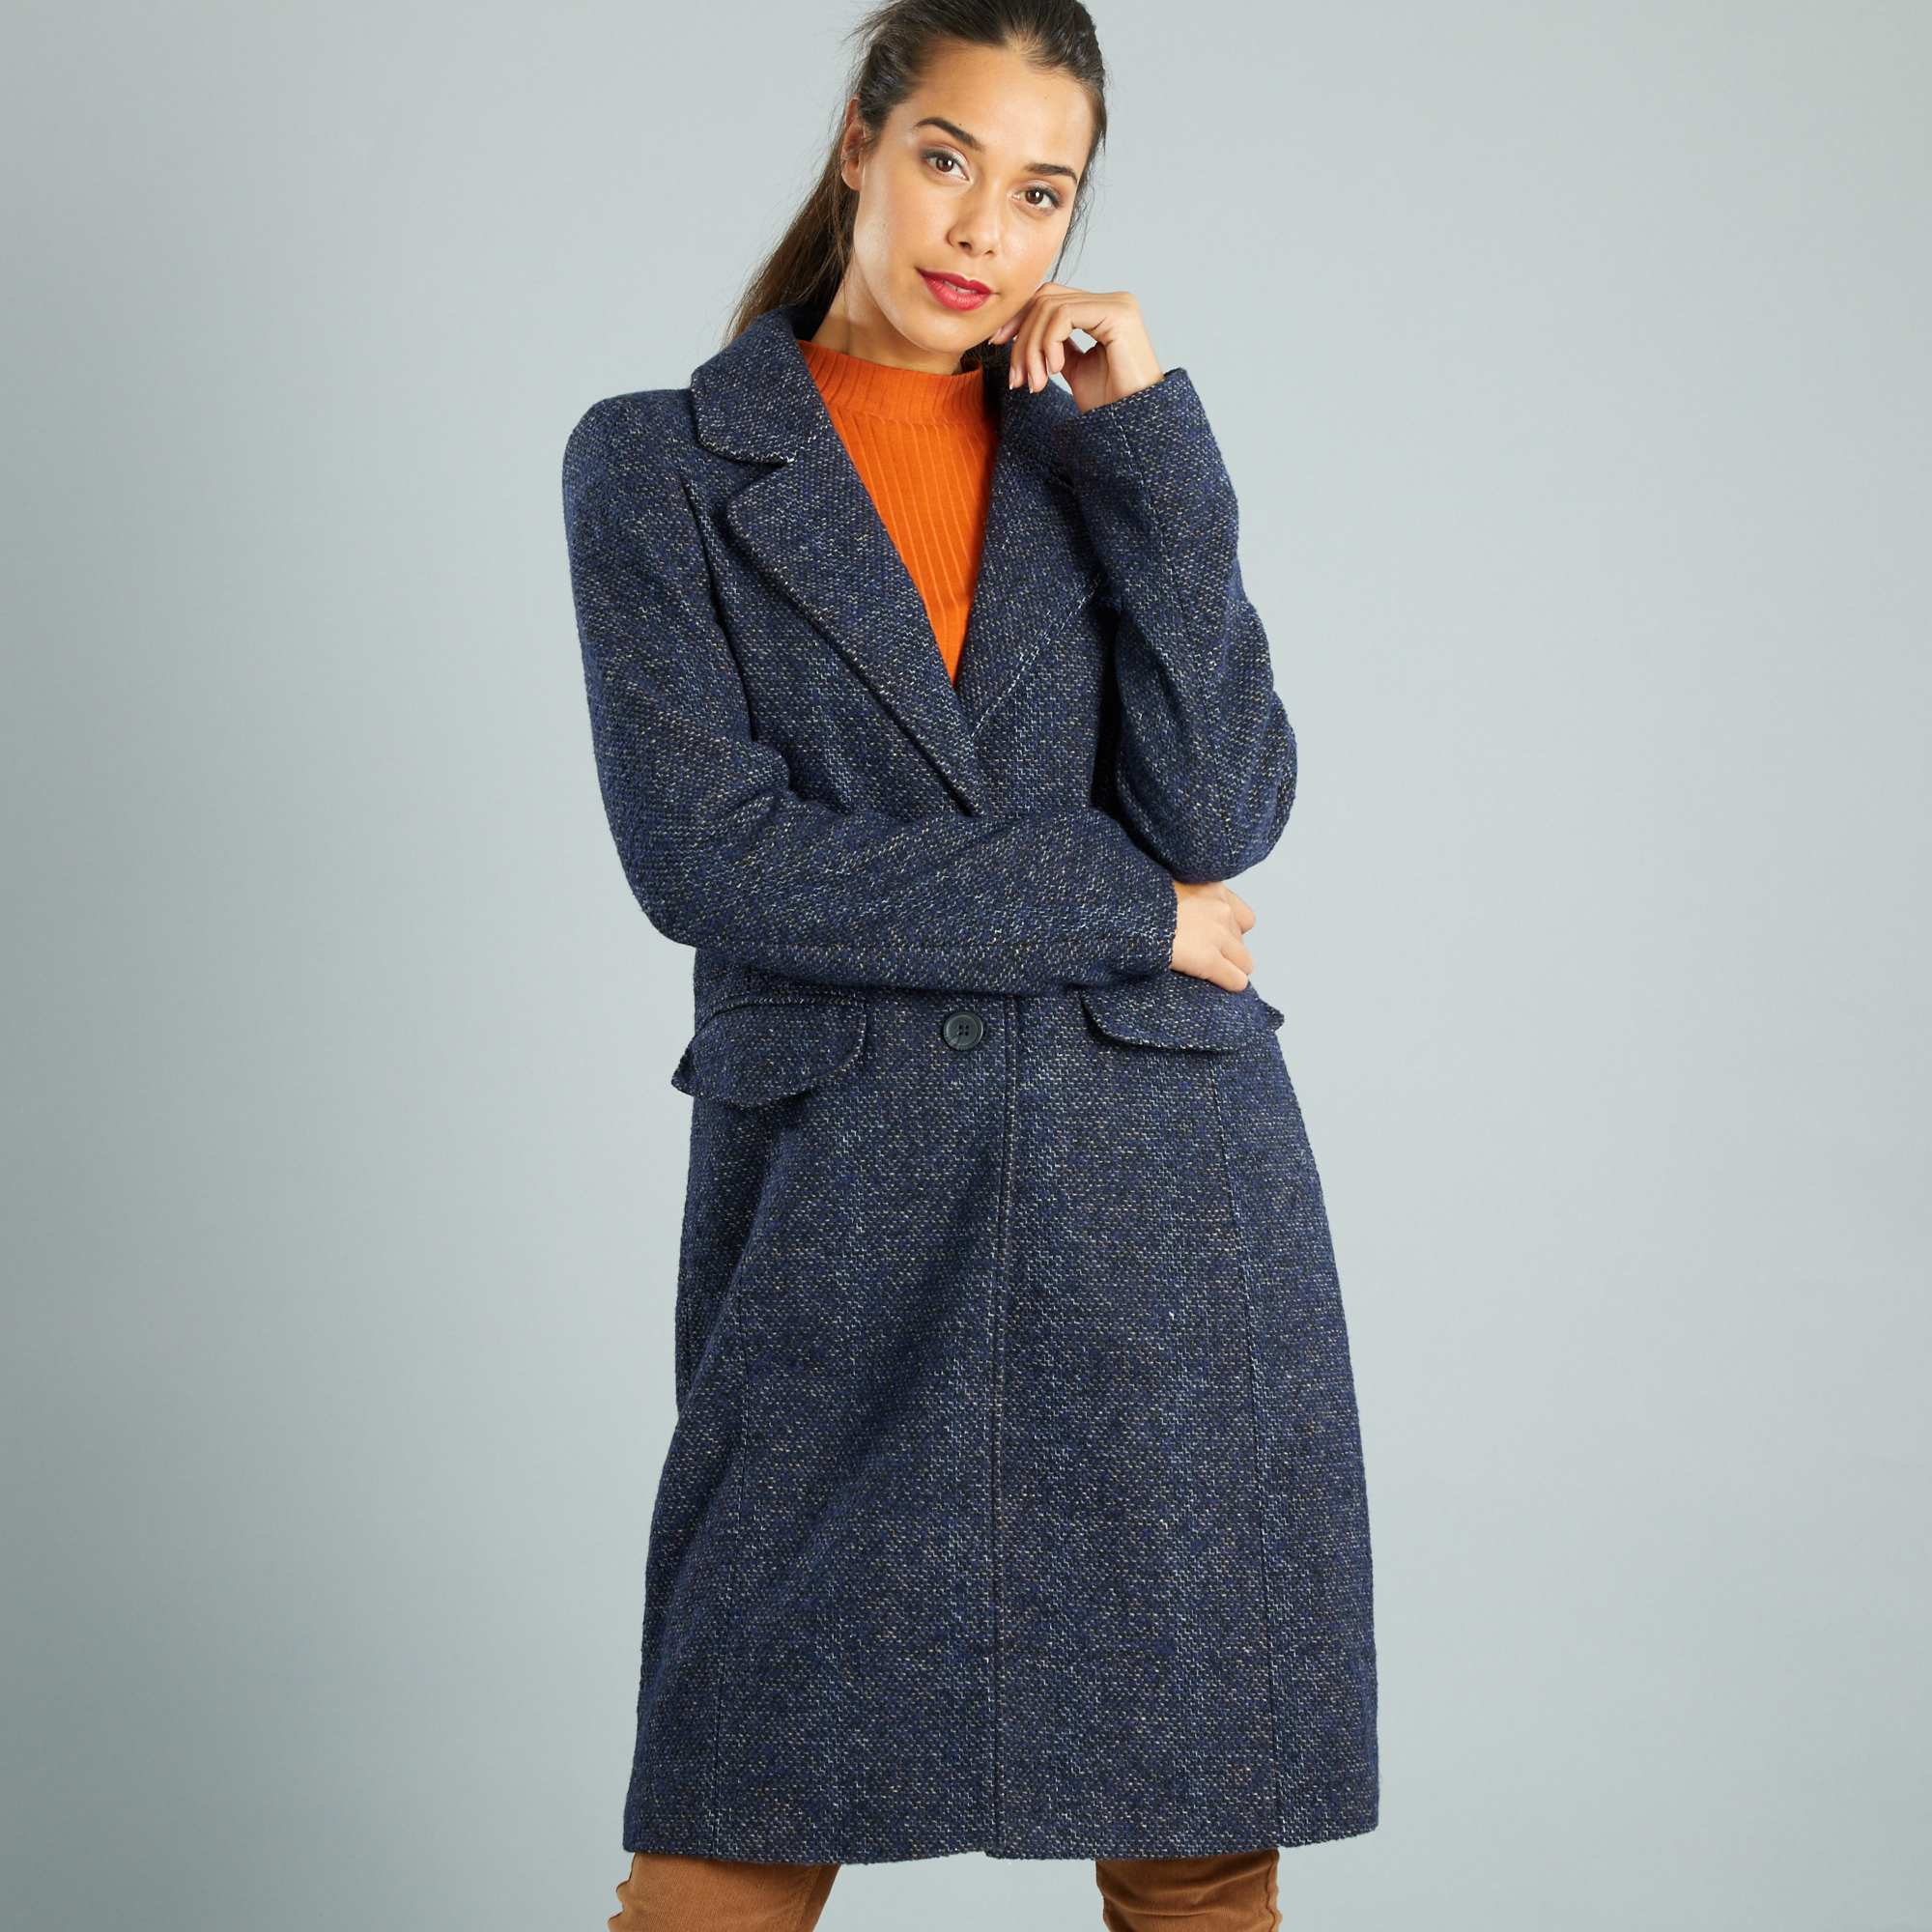 manteau-long-esprit-drap-de-laine-bleu-chine-femme-vq458_2_zc1